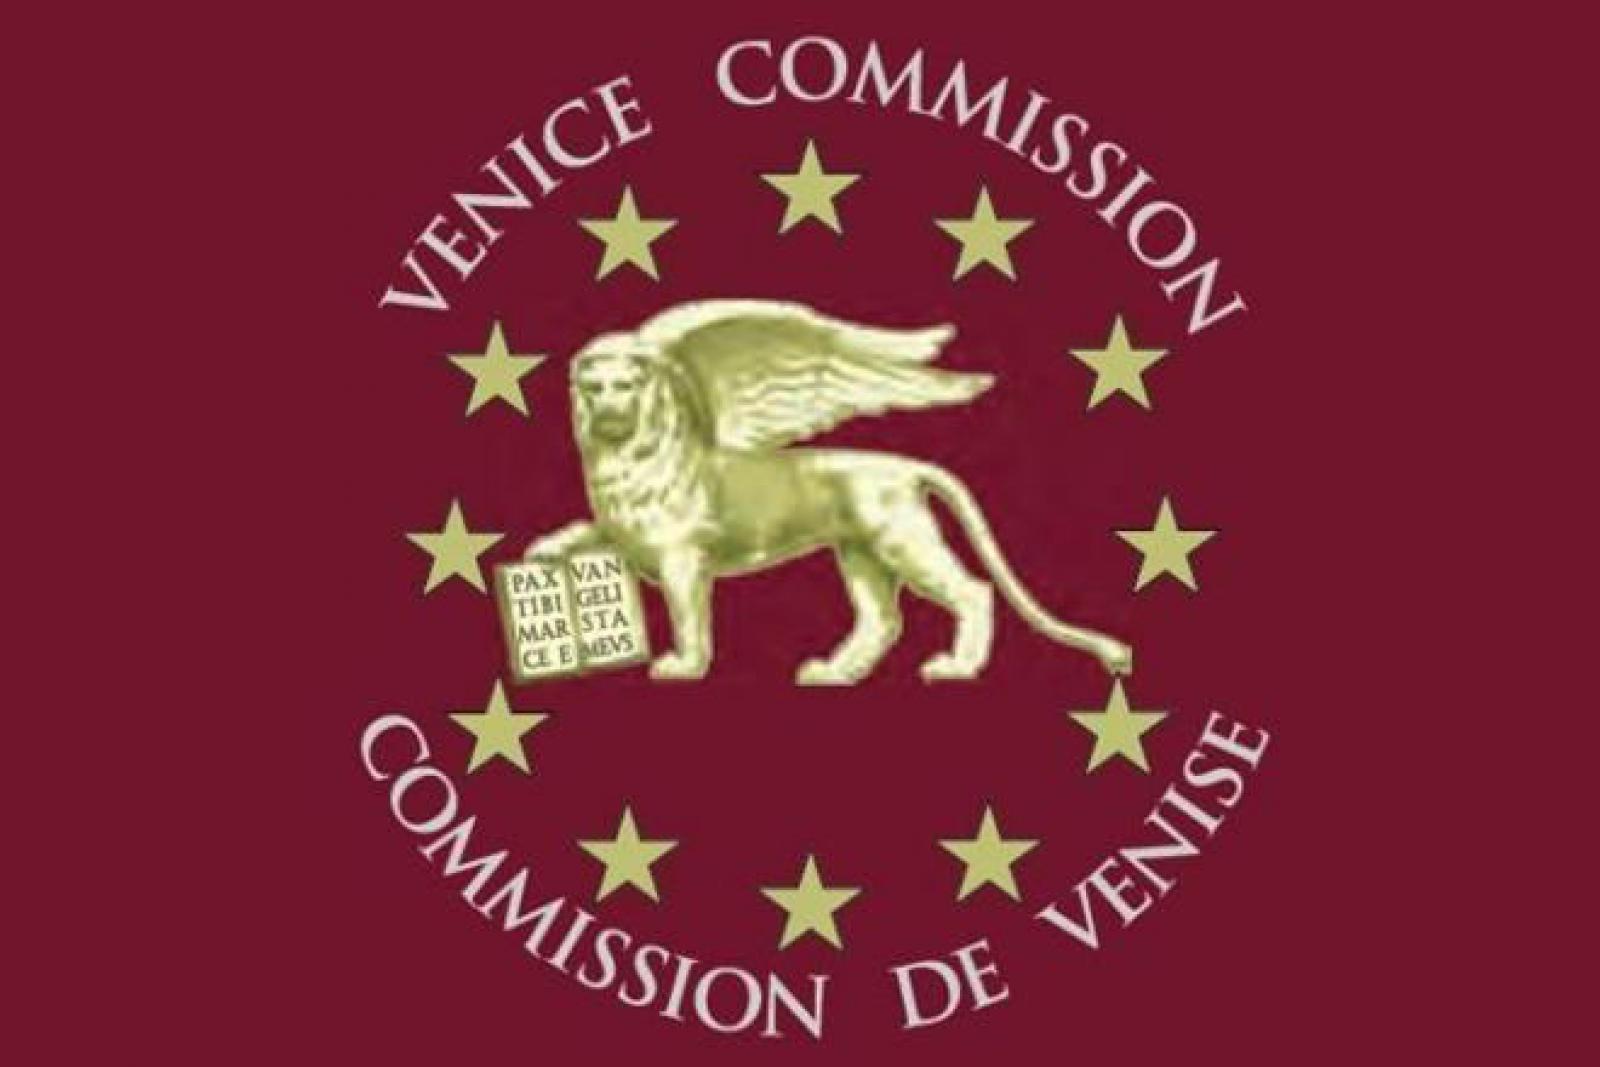 venice_commission